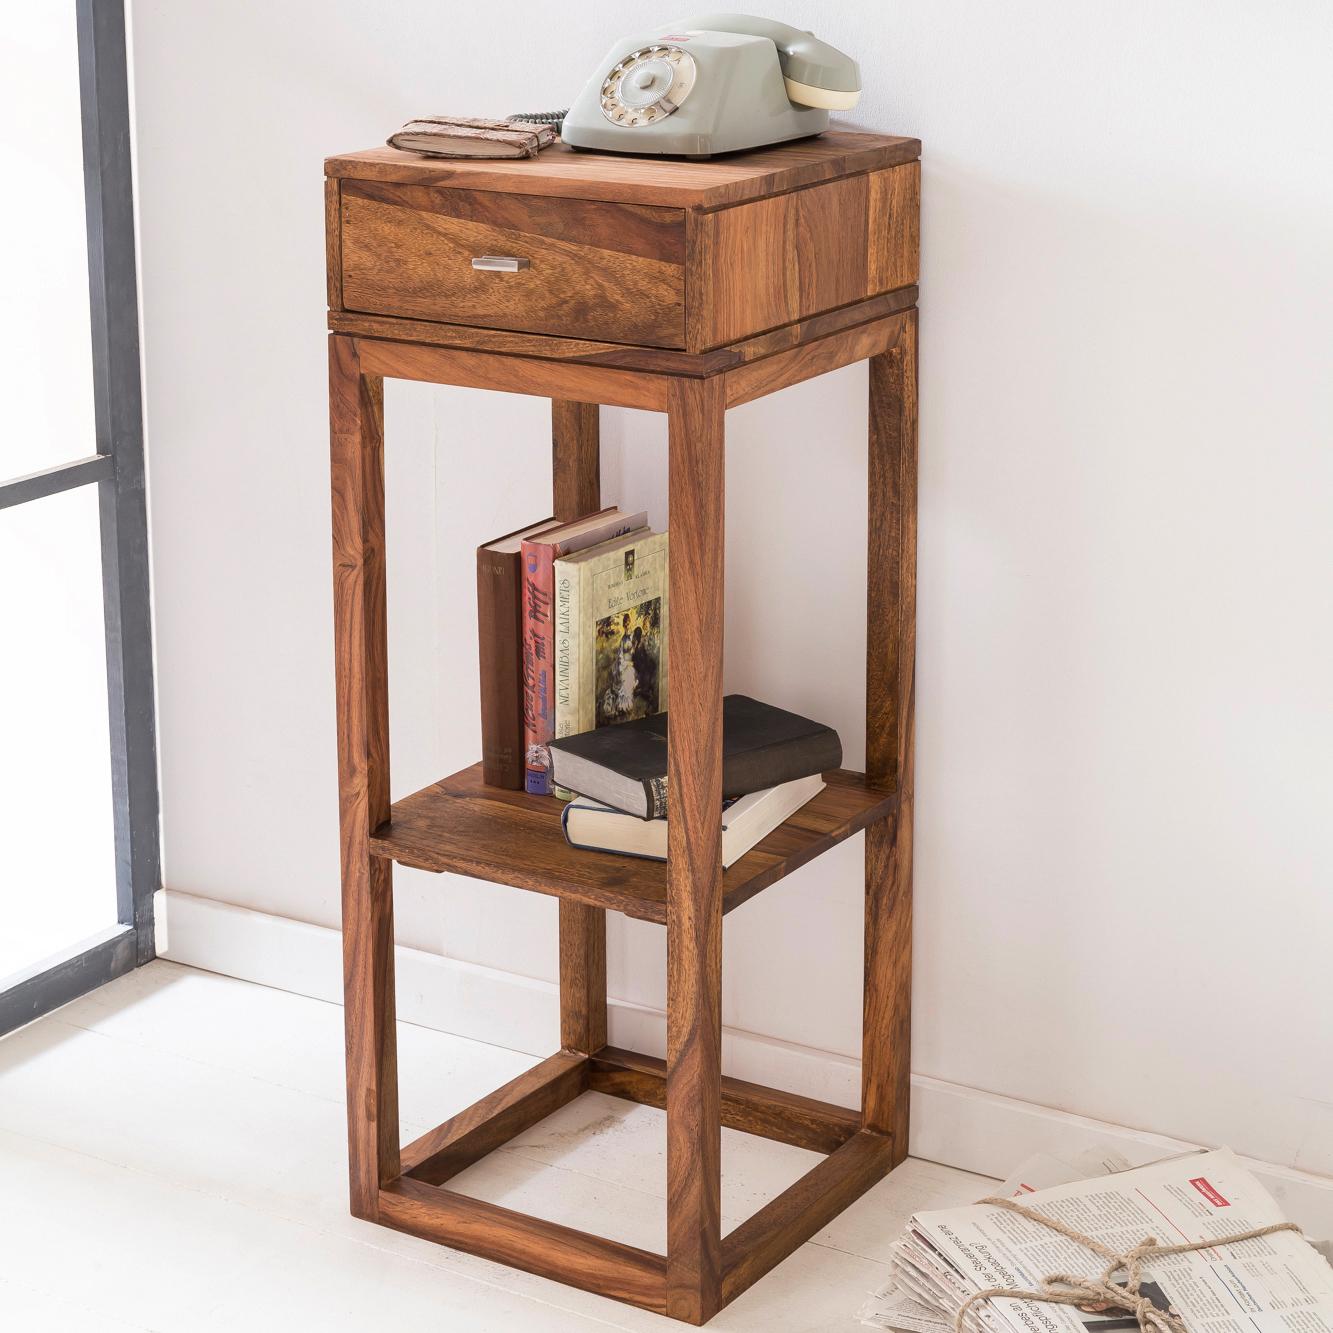 Telefontisch Konsole Tisch weiß antik Landhaus Beistelltisch Holz Schublade